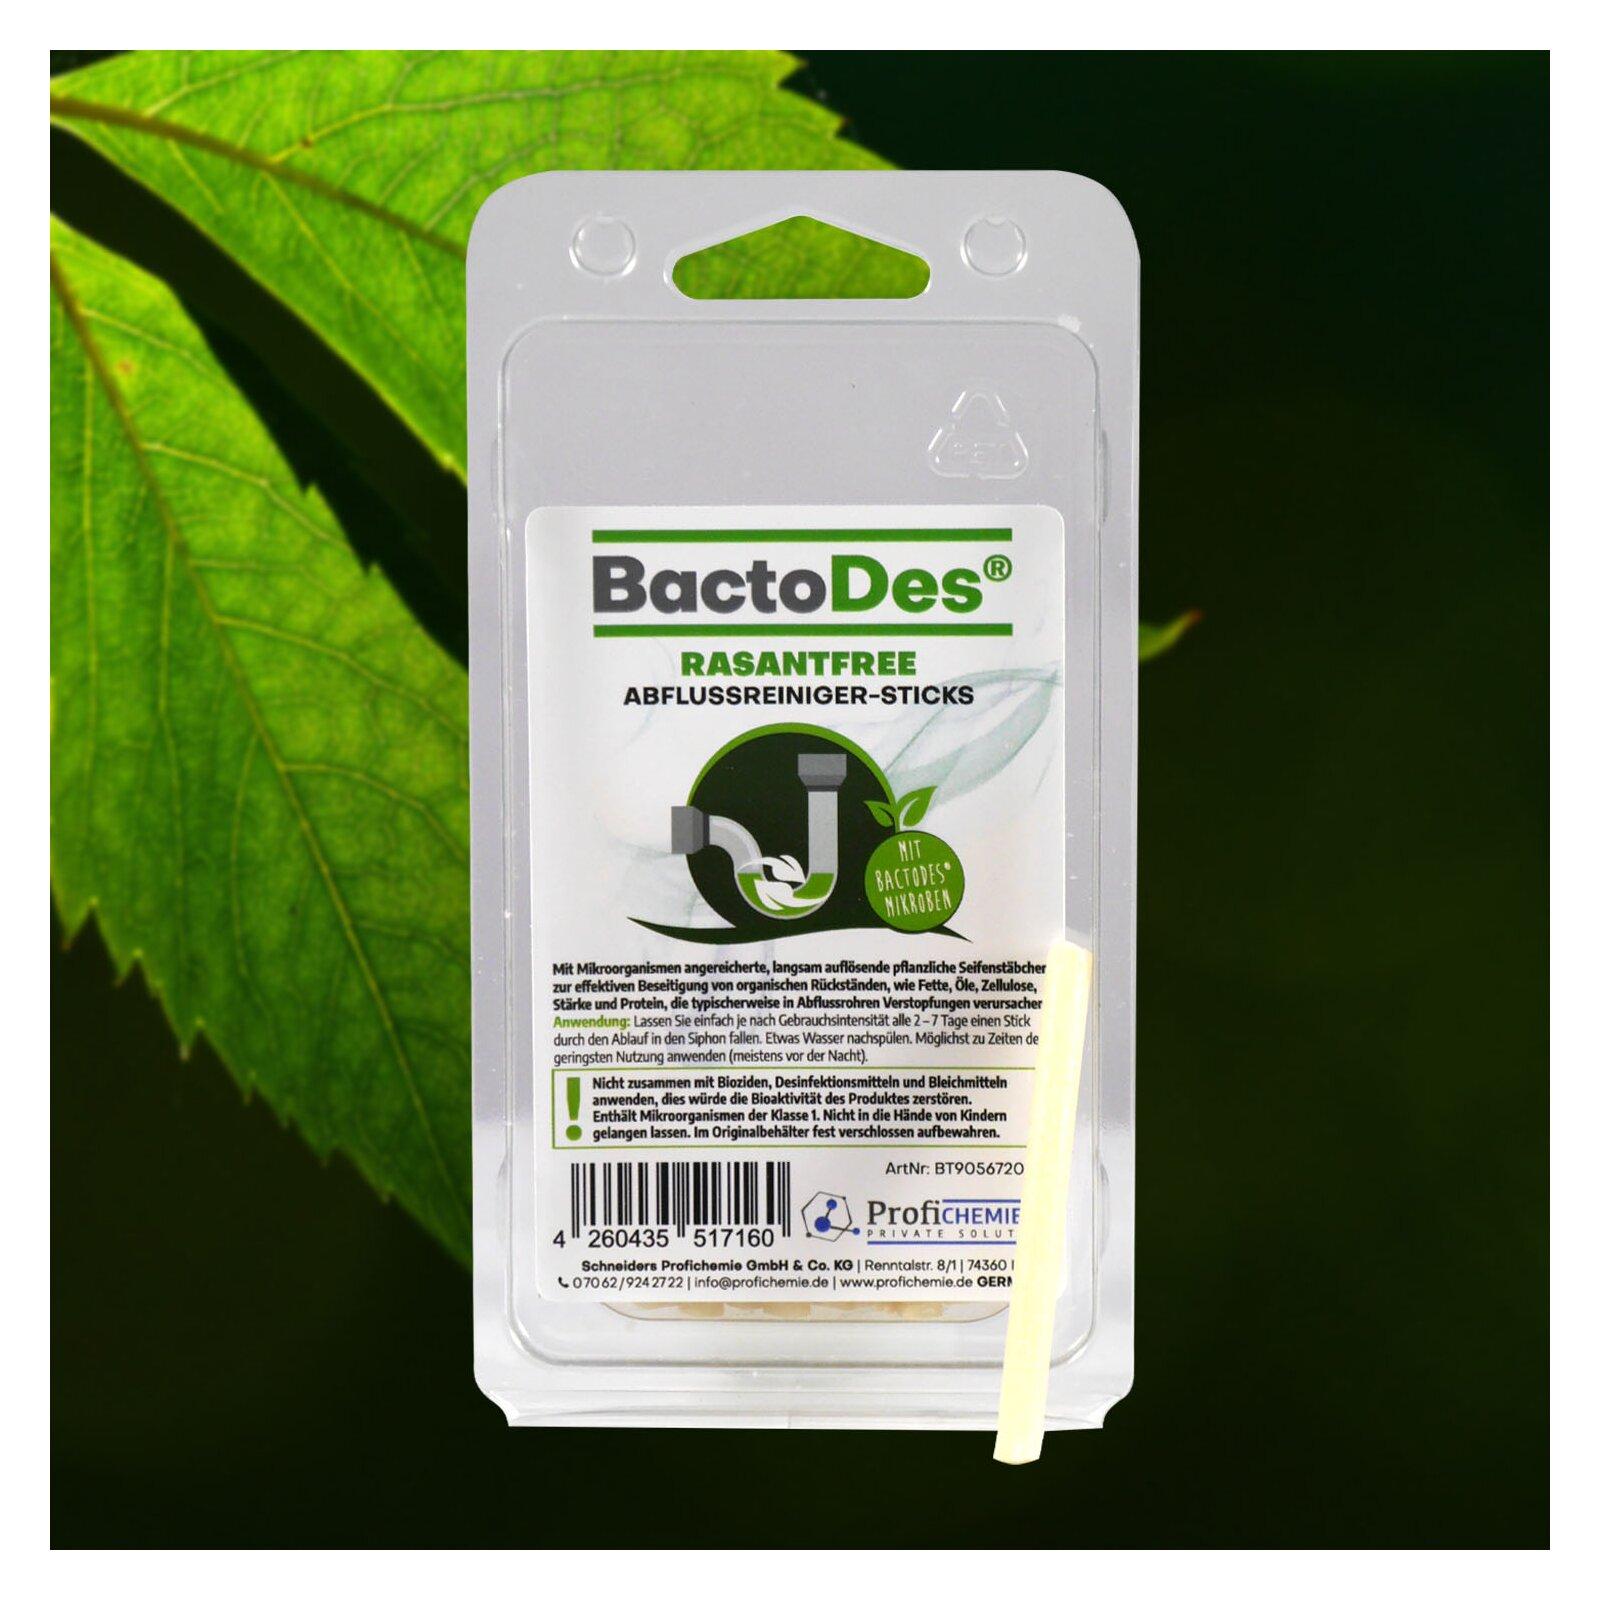 BactoDes(R) RasantFree AbflussreinigerSTICKS 1 Pack mit 20 Sticks